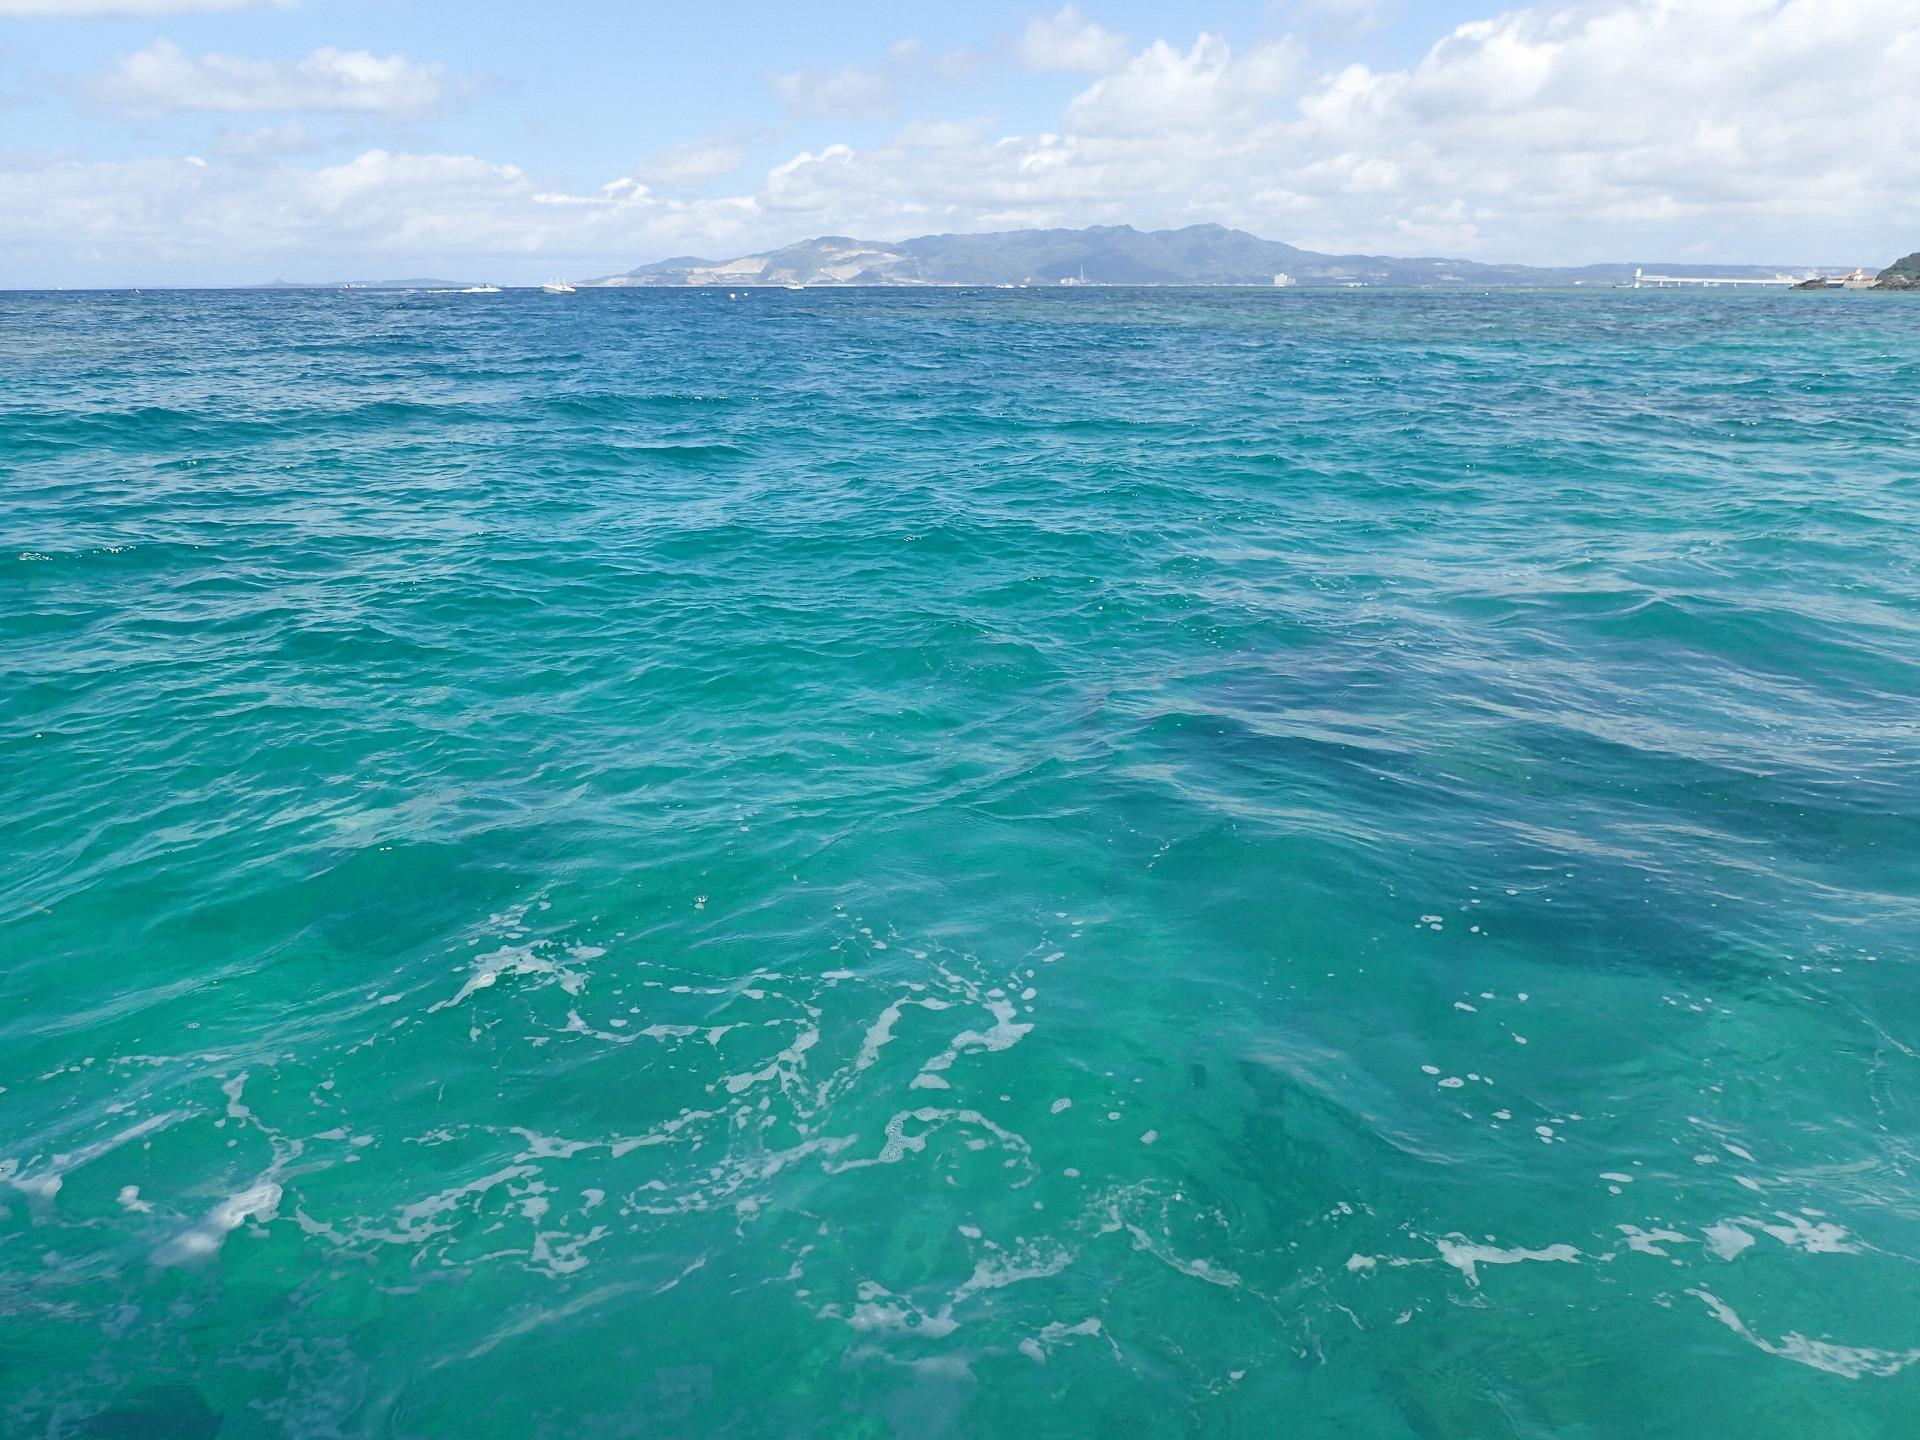 晴天とエメラルドグリーンの海に夏を感じる